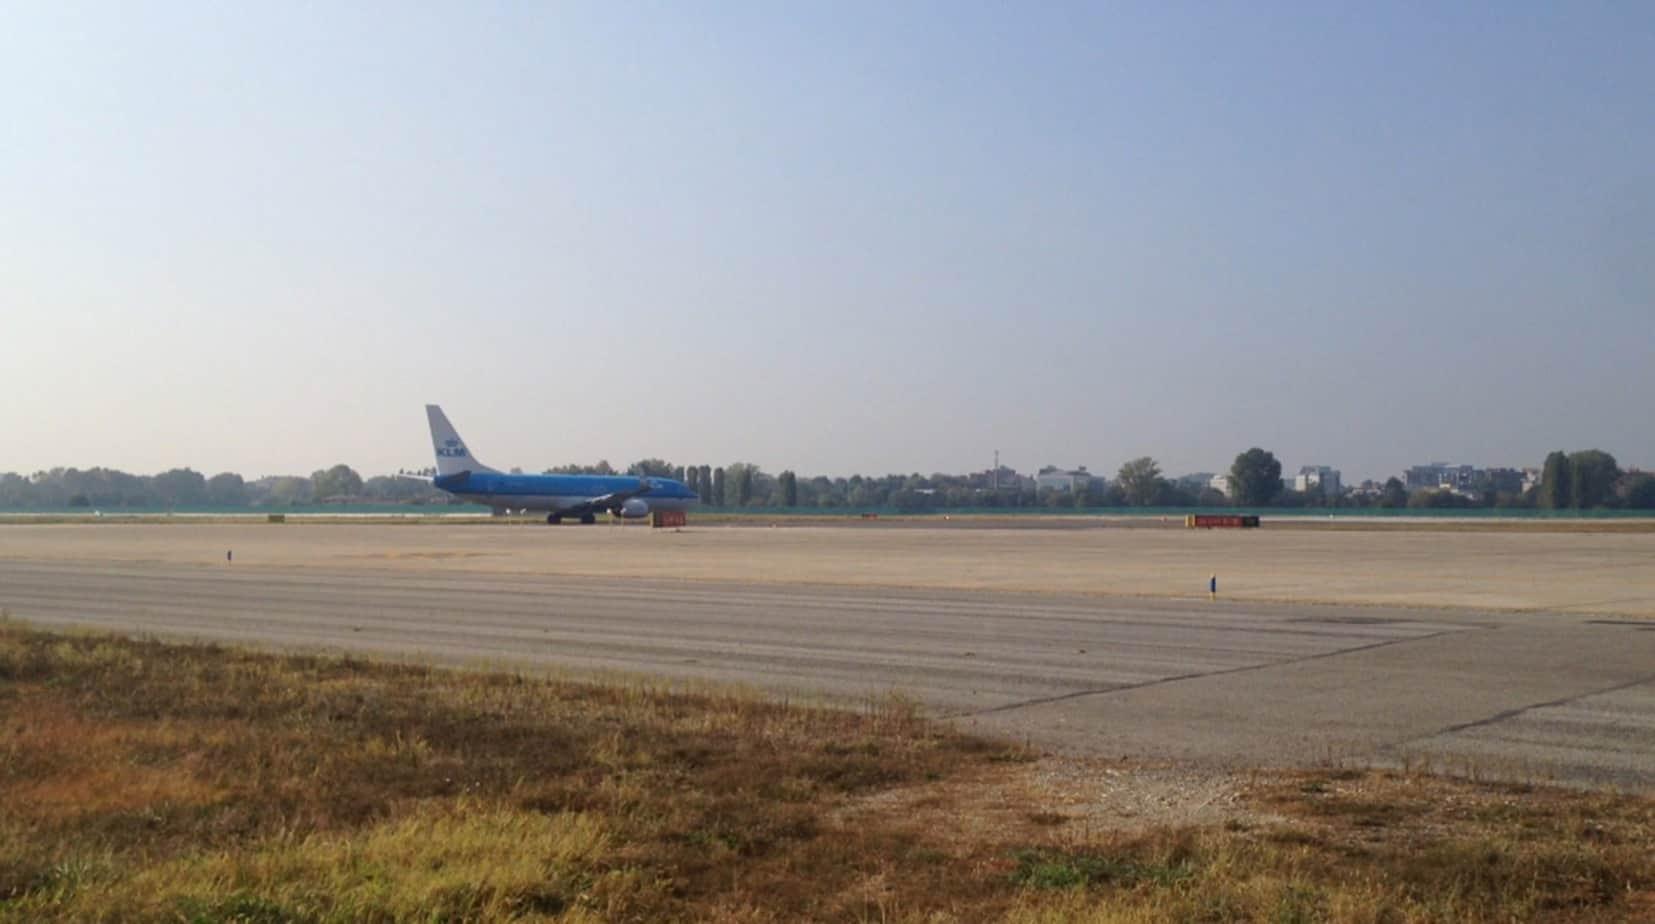 Un Boeing 737 in transito sui sensori